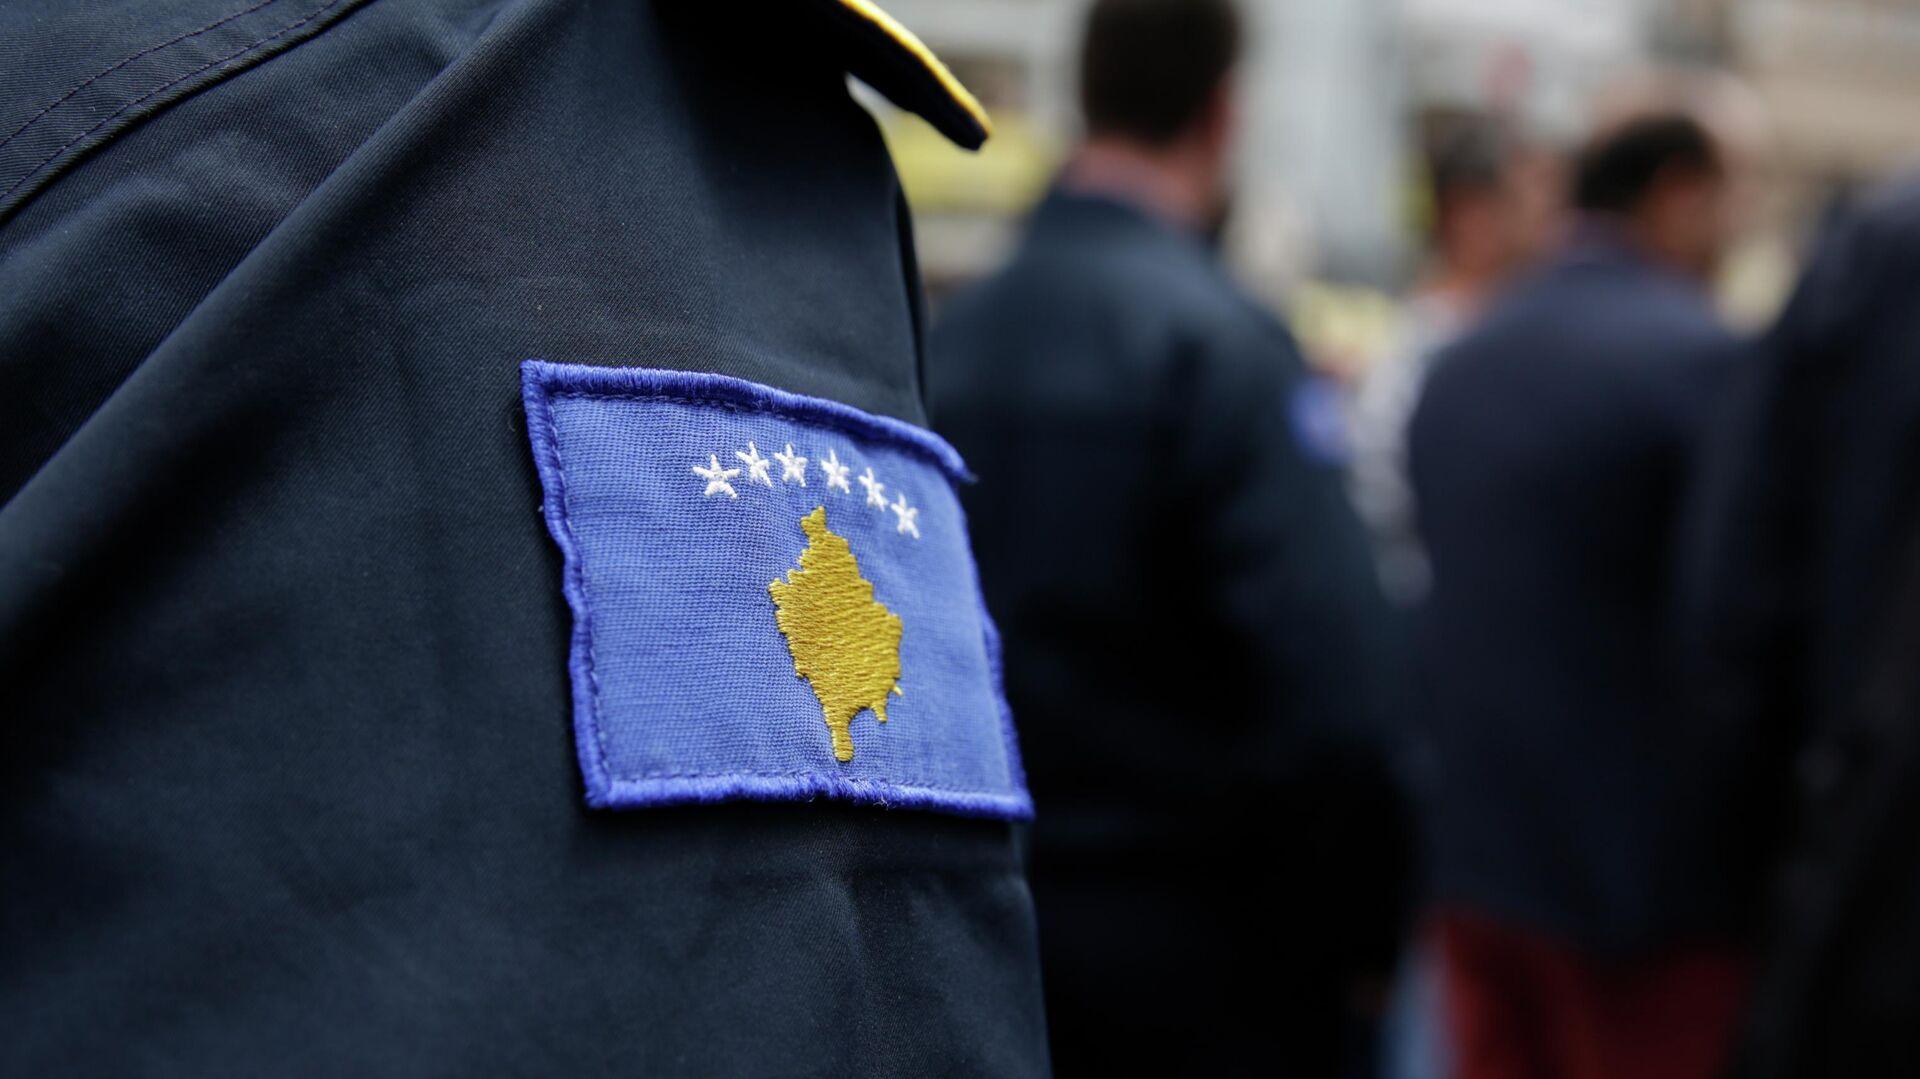 Нашивка с изображением герба самопровозглашенной Республики Косово на форме сотрудника полиции - РИА Новости, 1920, 14.03.2021